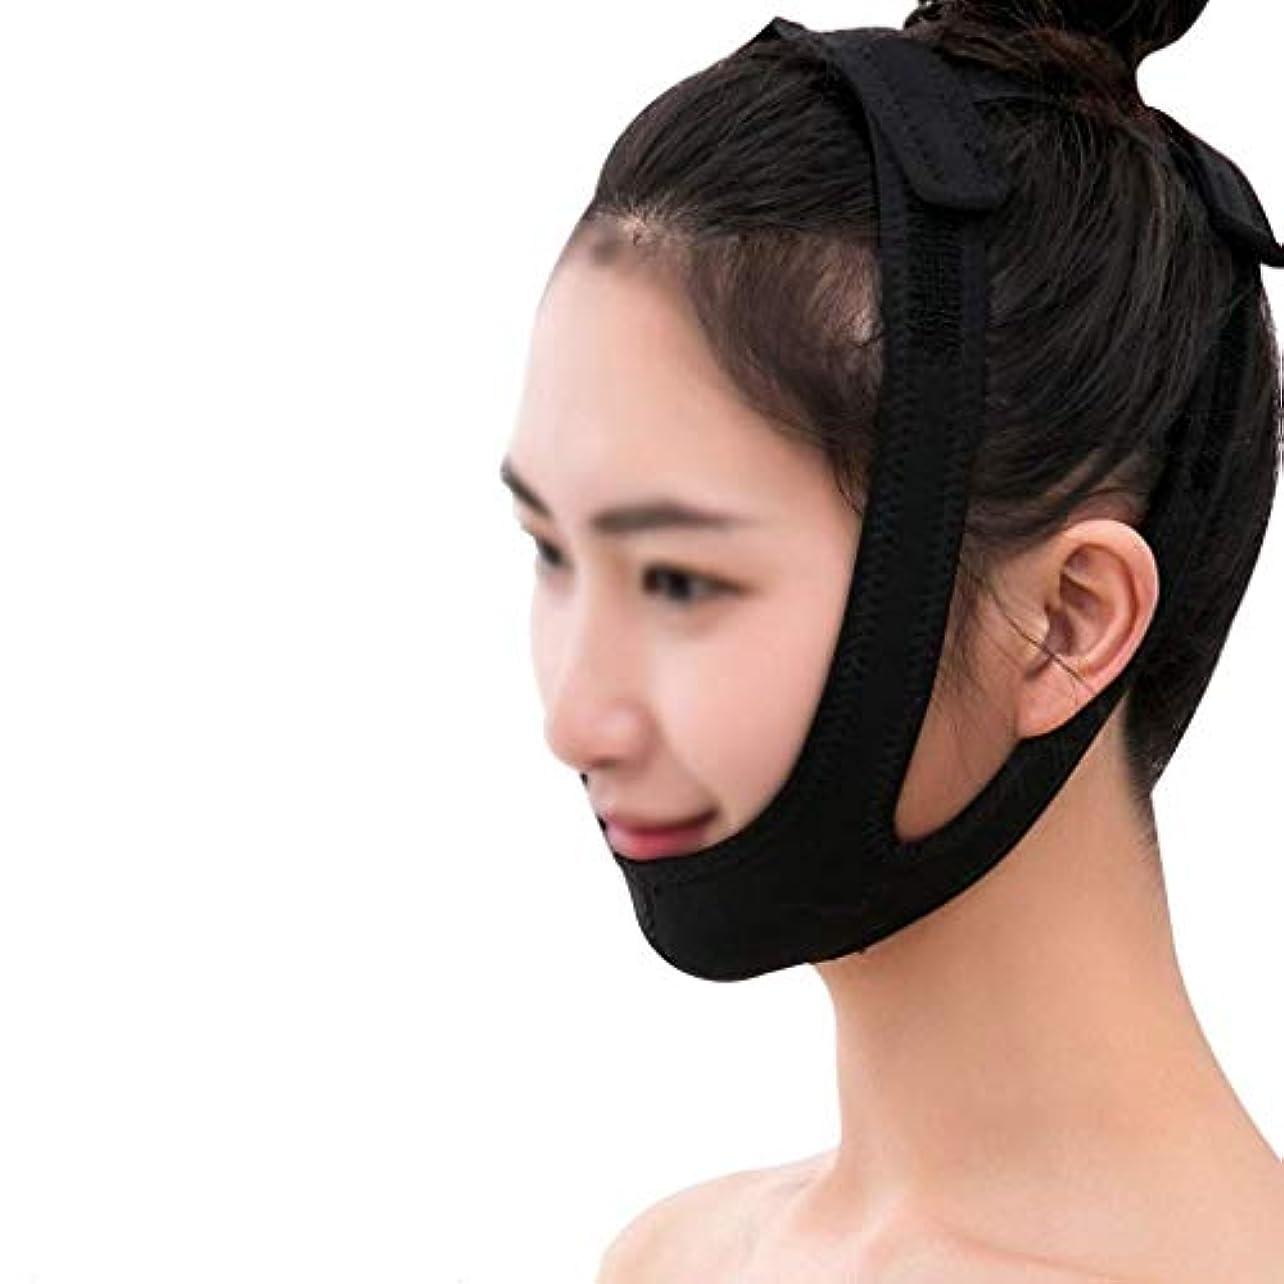 男らしい忍耐不毛フェイシャルリフティングマスク、医療用ワイヤーカービングリカバリーヘッドギアVフェイス包帯ダブルチンフェイスリフトマスク